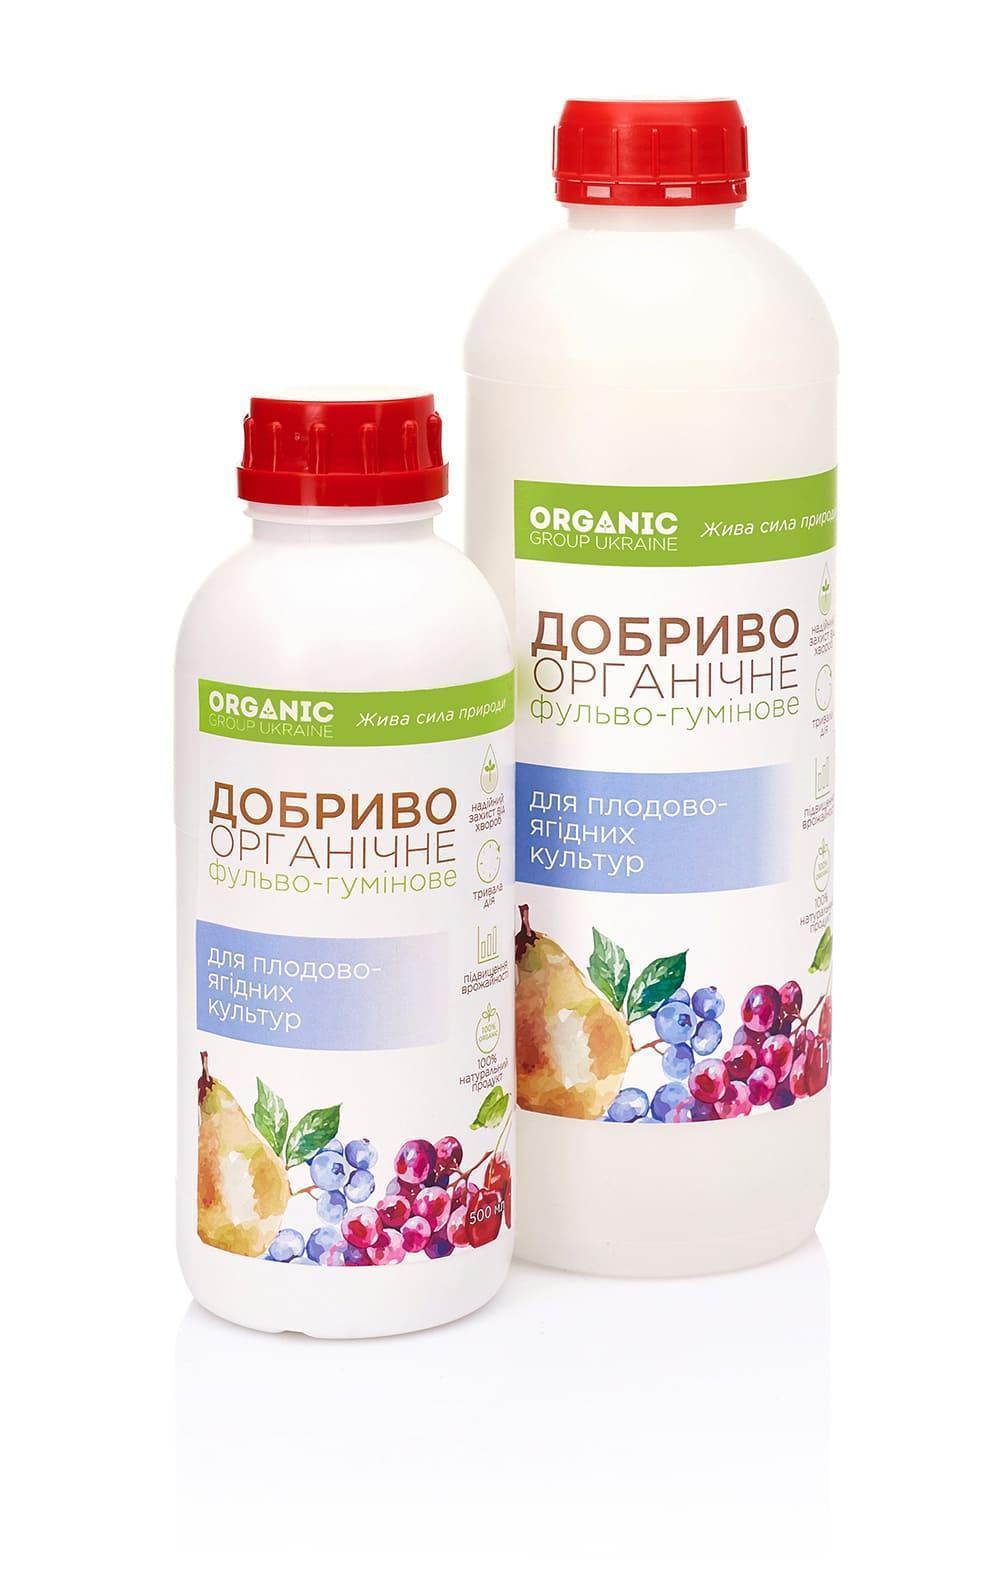 Органічне добриво для плодово-ягідних культур